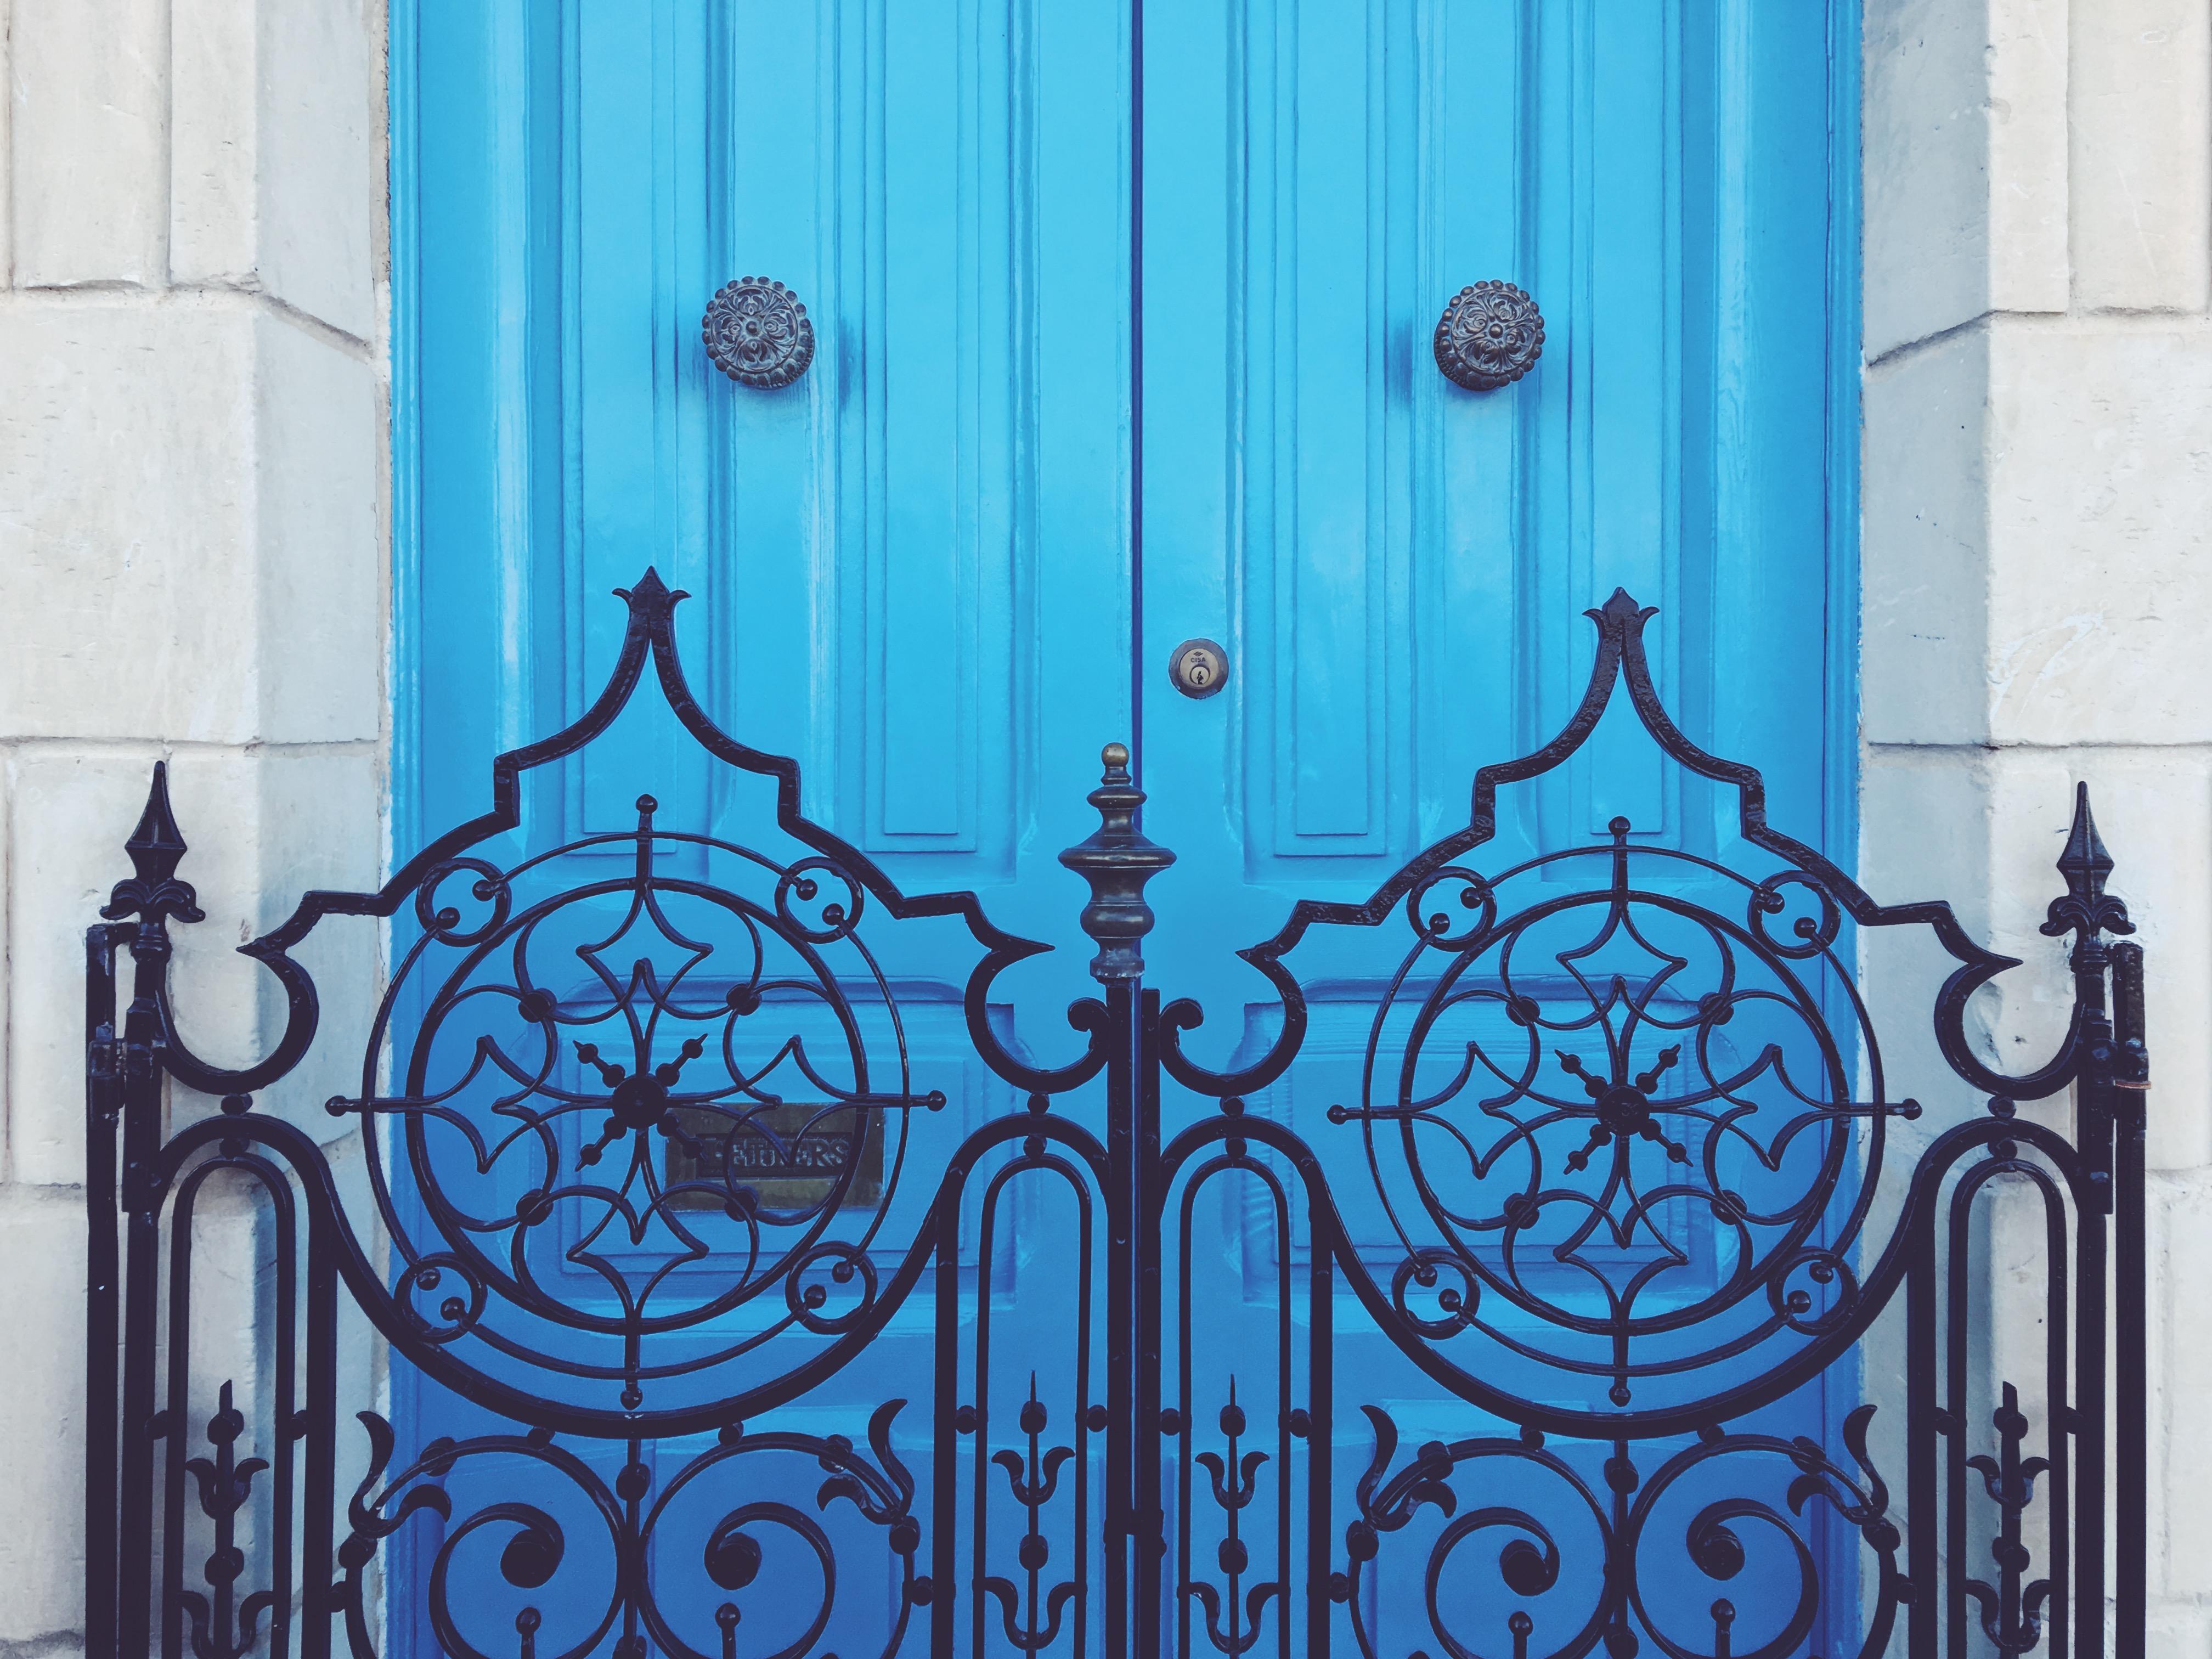 Le porte colorate di malta